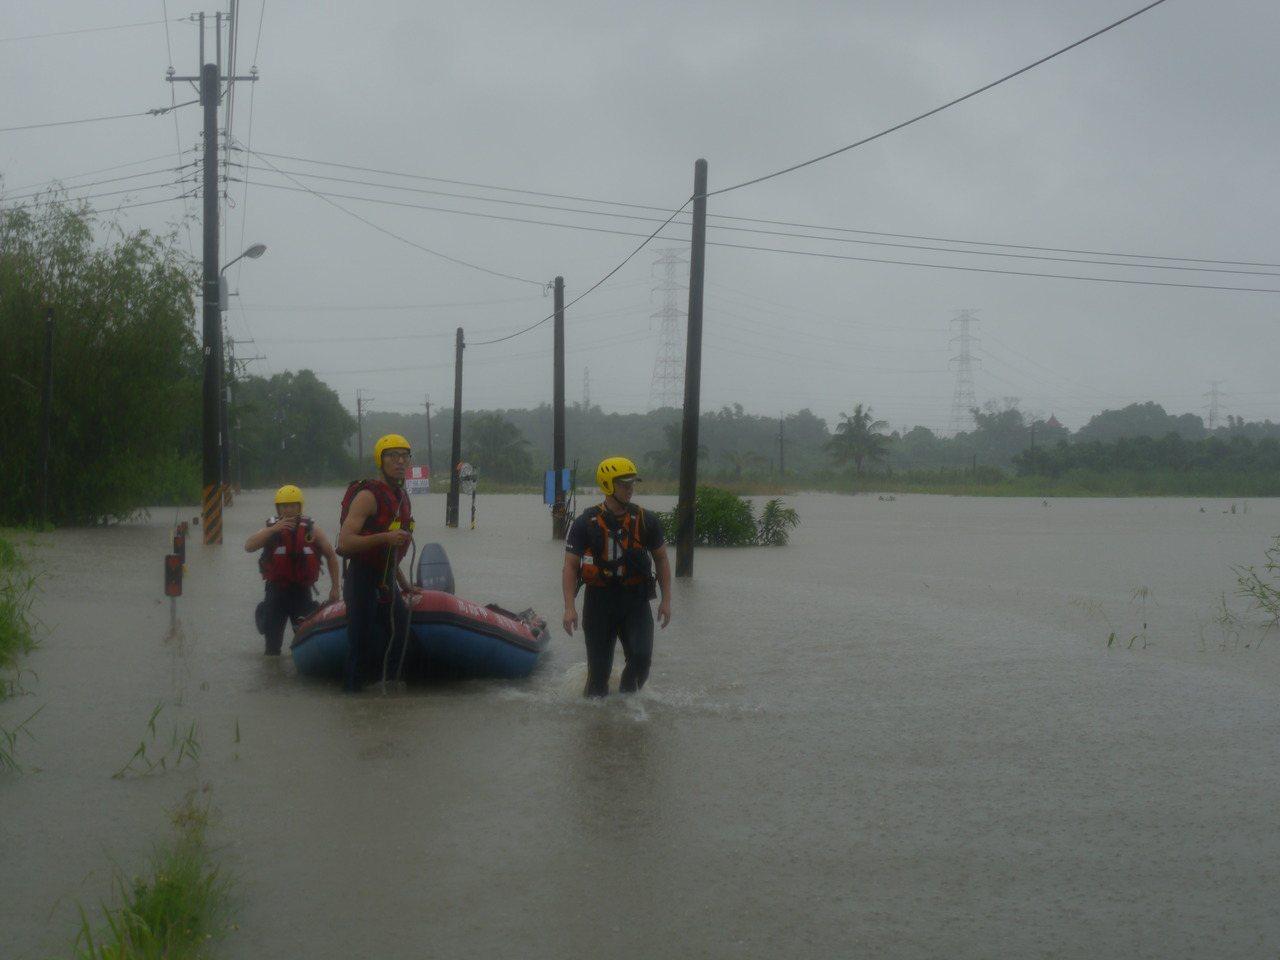 高市警消獲報,出動橡皮艇前往深度及胸的石安橋橋面搜救。記者徐白櫻/攝影